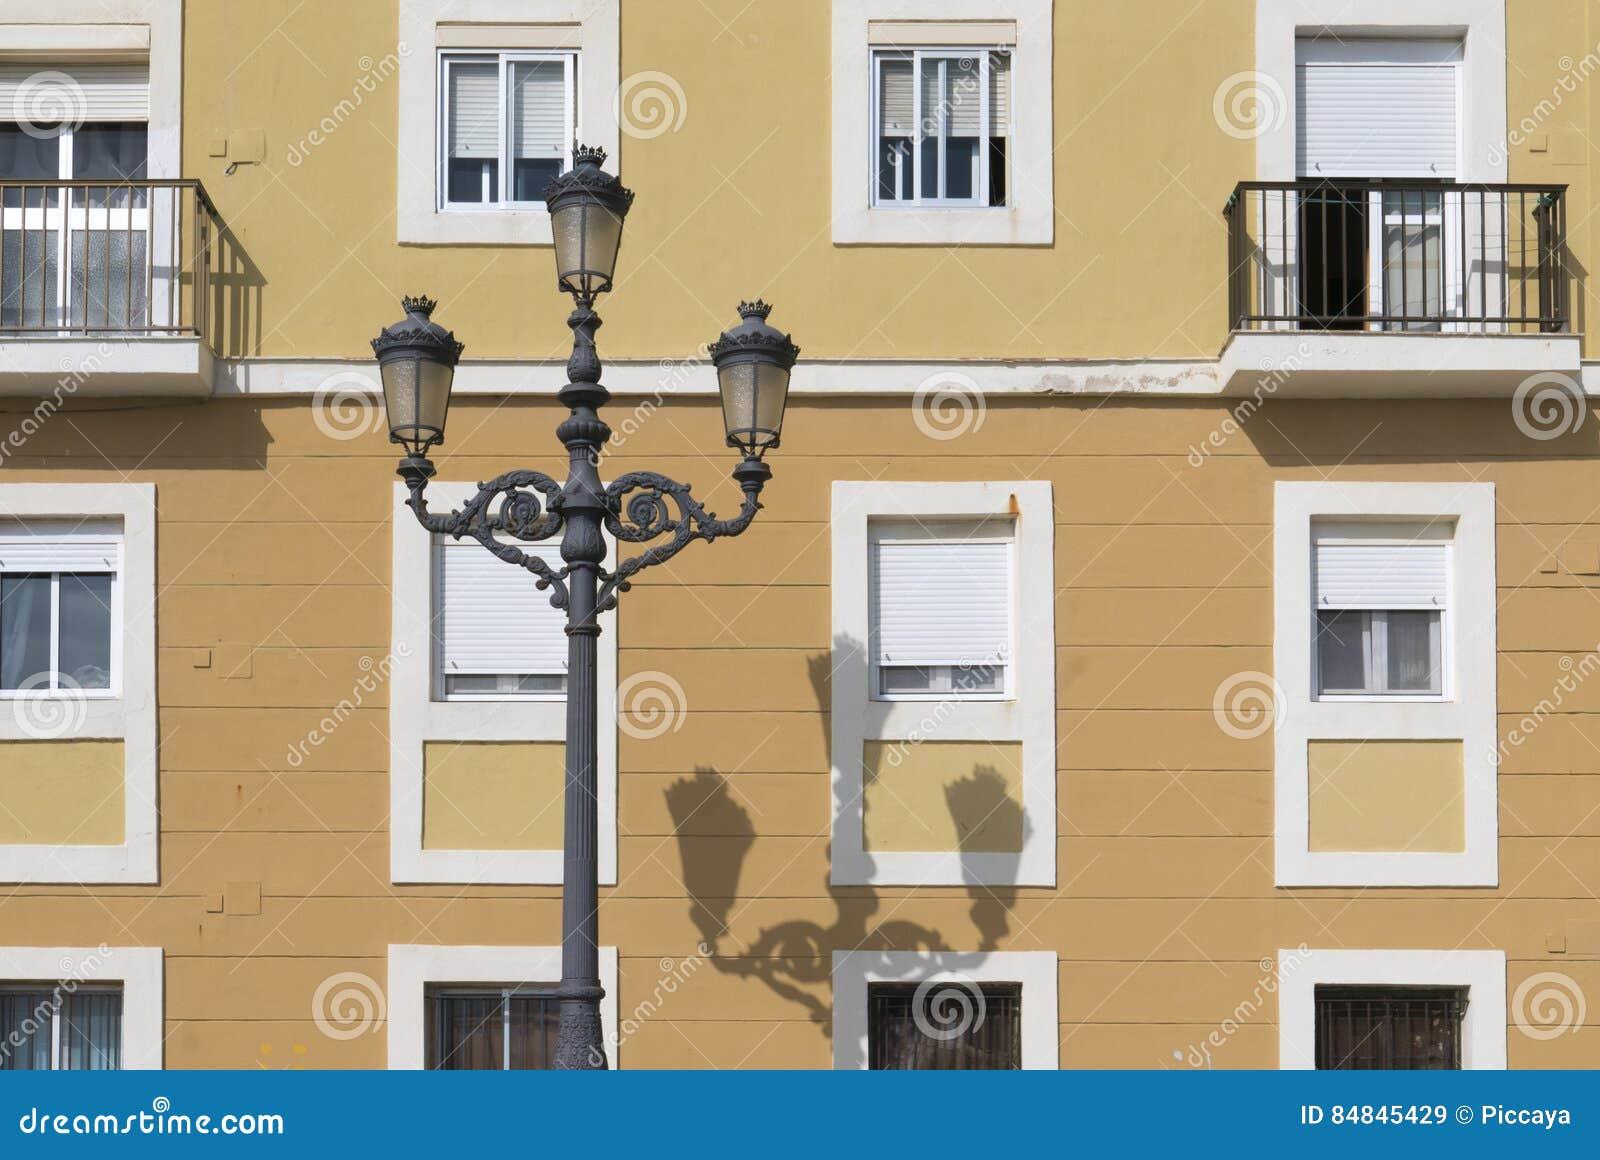 Facades De Maisons En Couleurs vieilles maisons colorées avec de diverses couleurs sur la